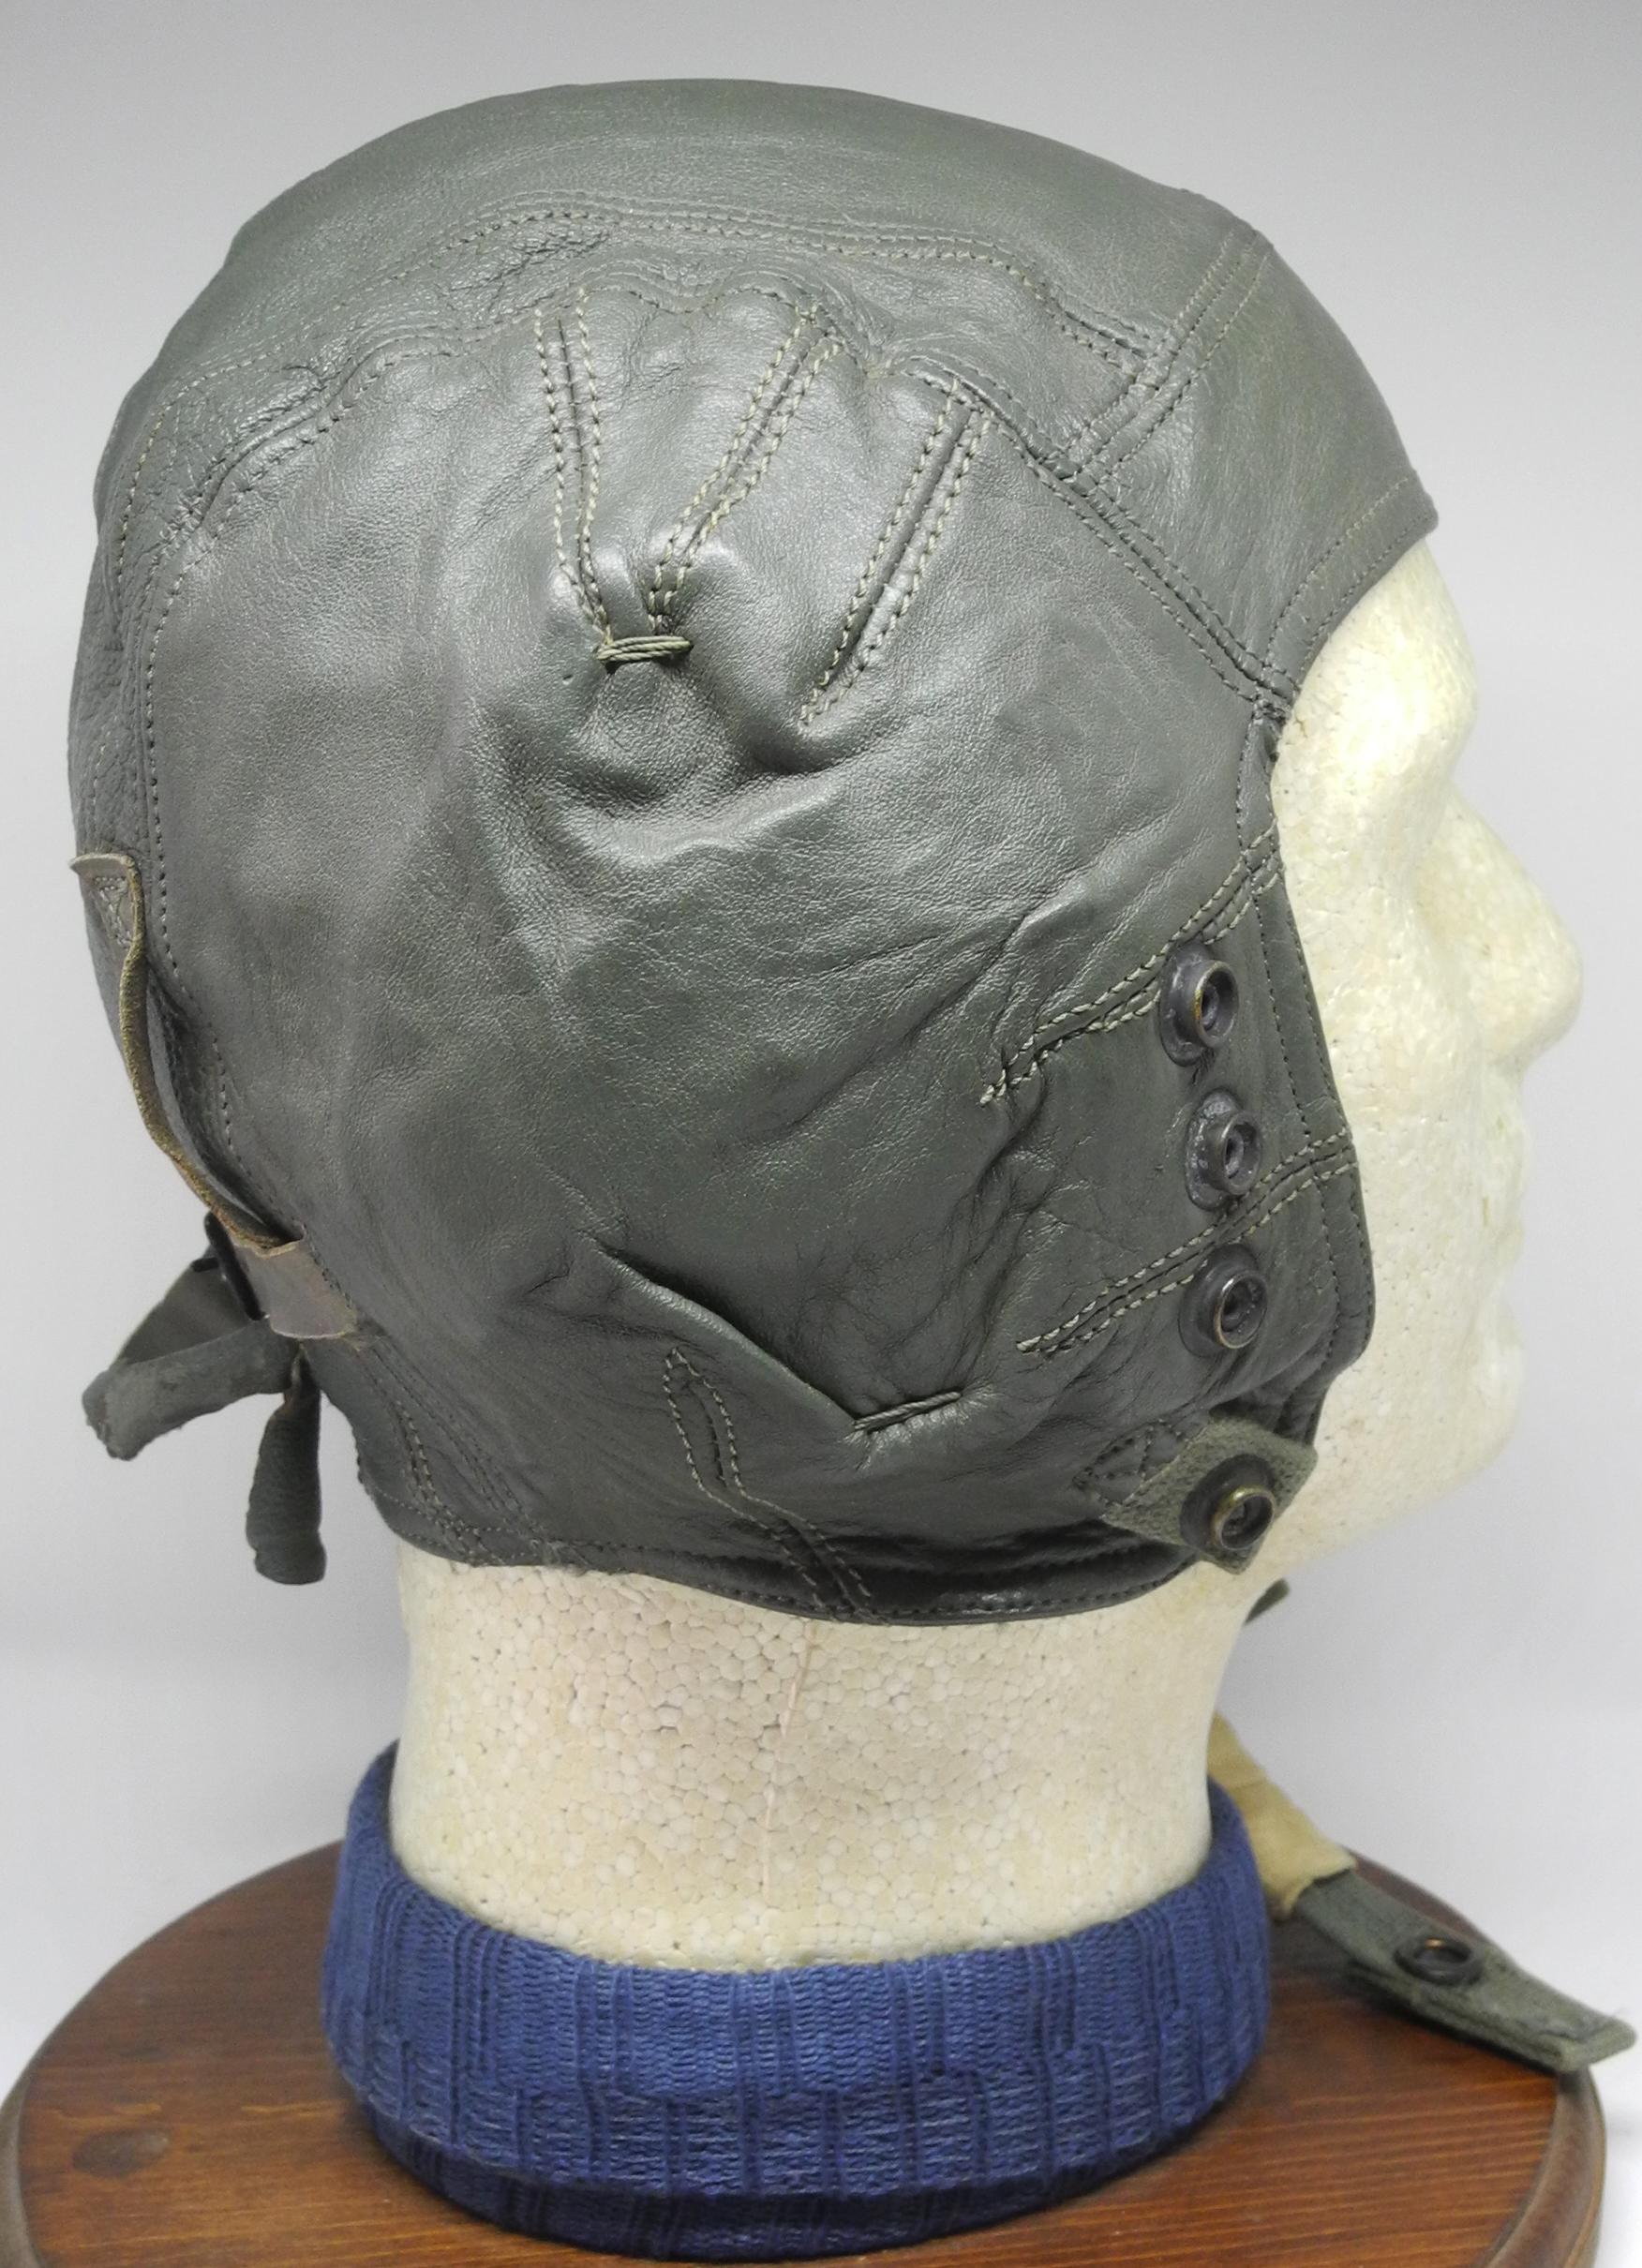 USAF A-13 / H-71 flying helmet